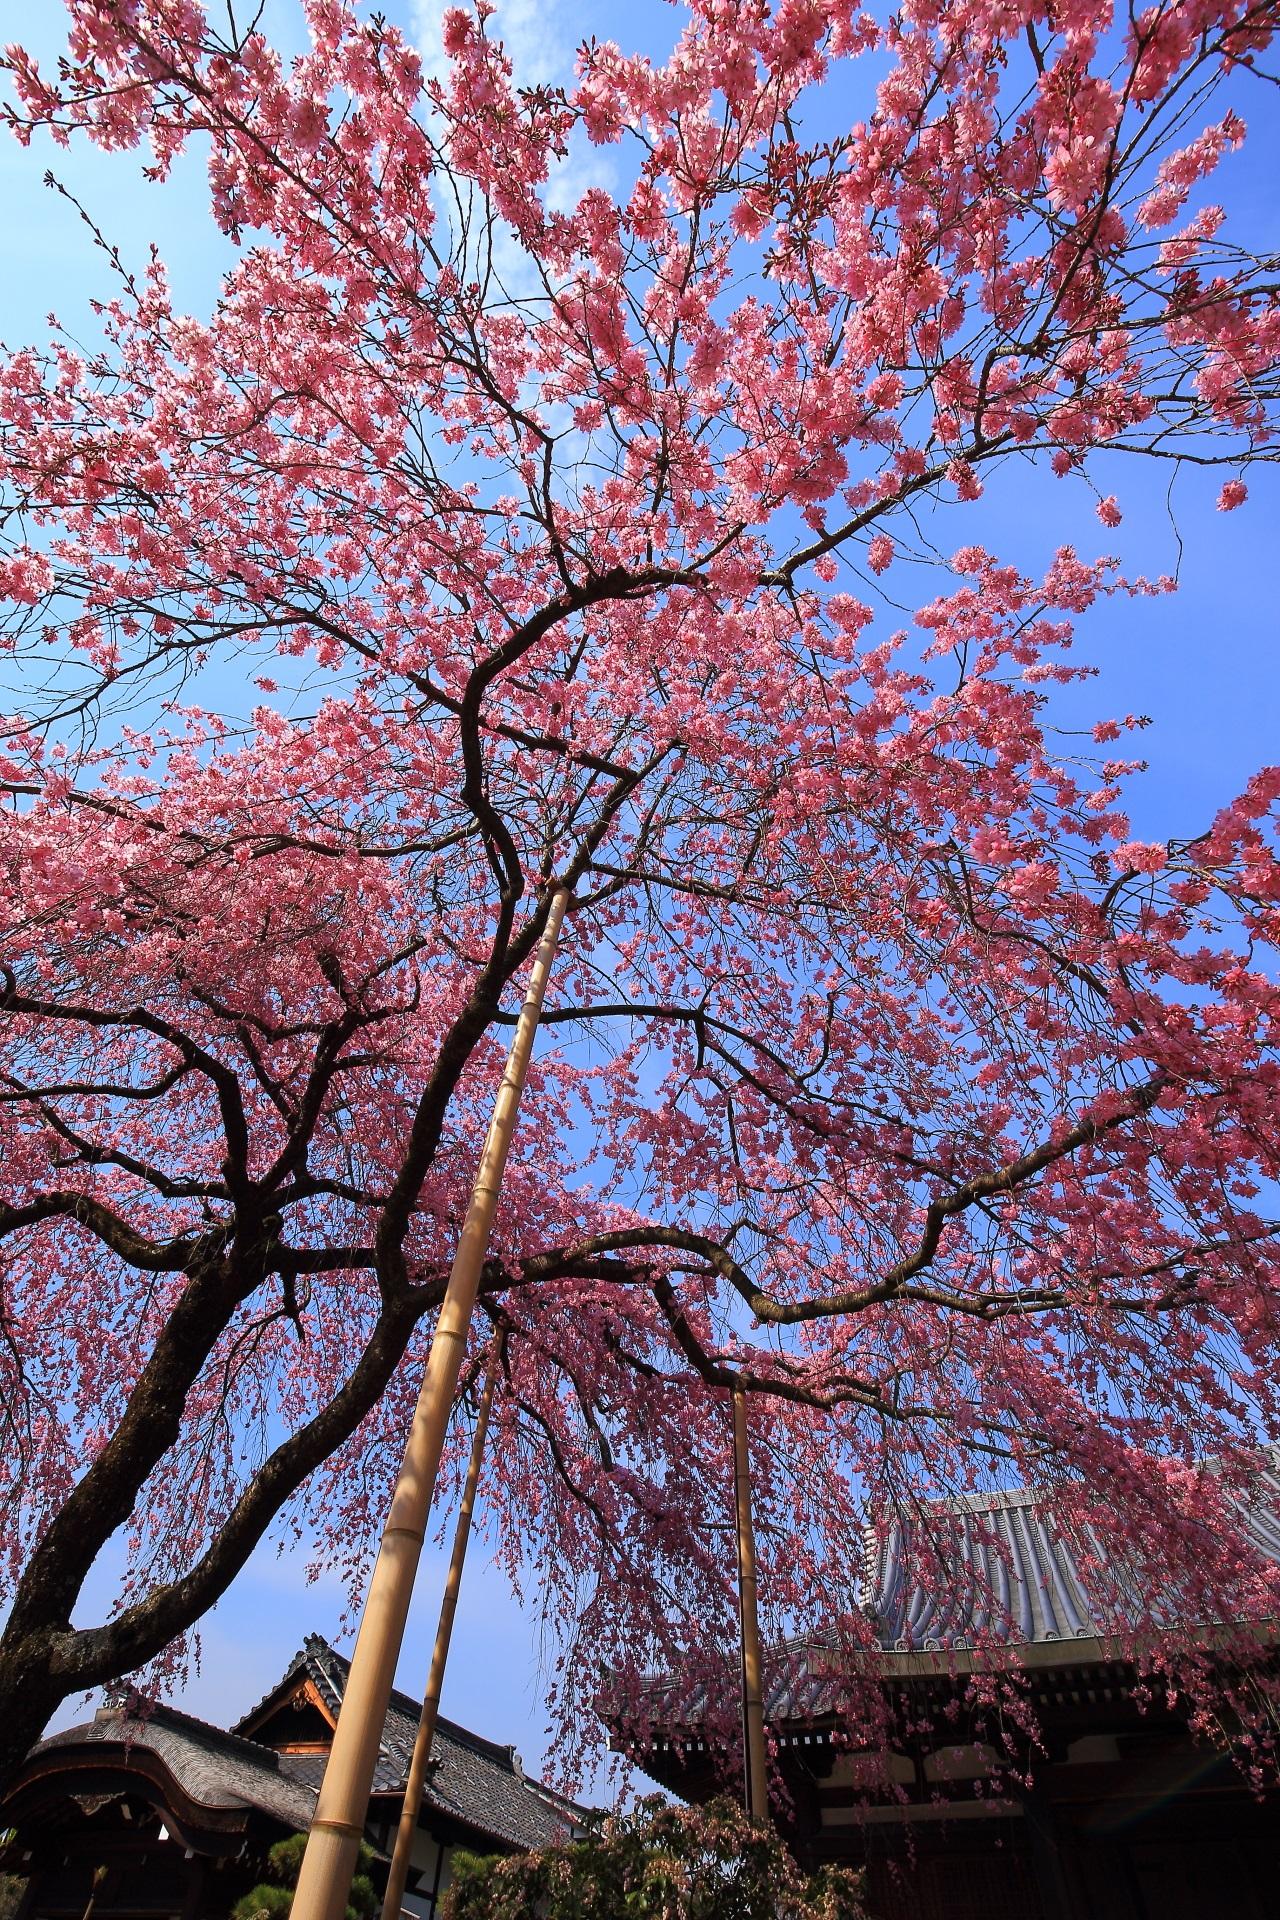 法金剛院の素晴らしい桜と春の情景